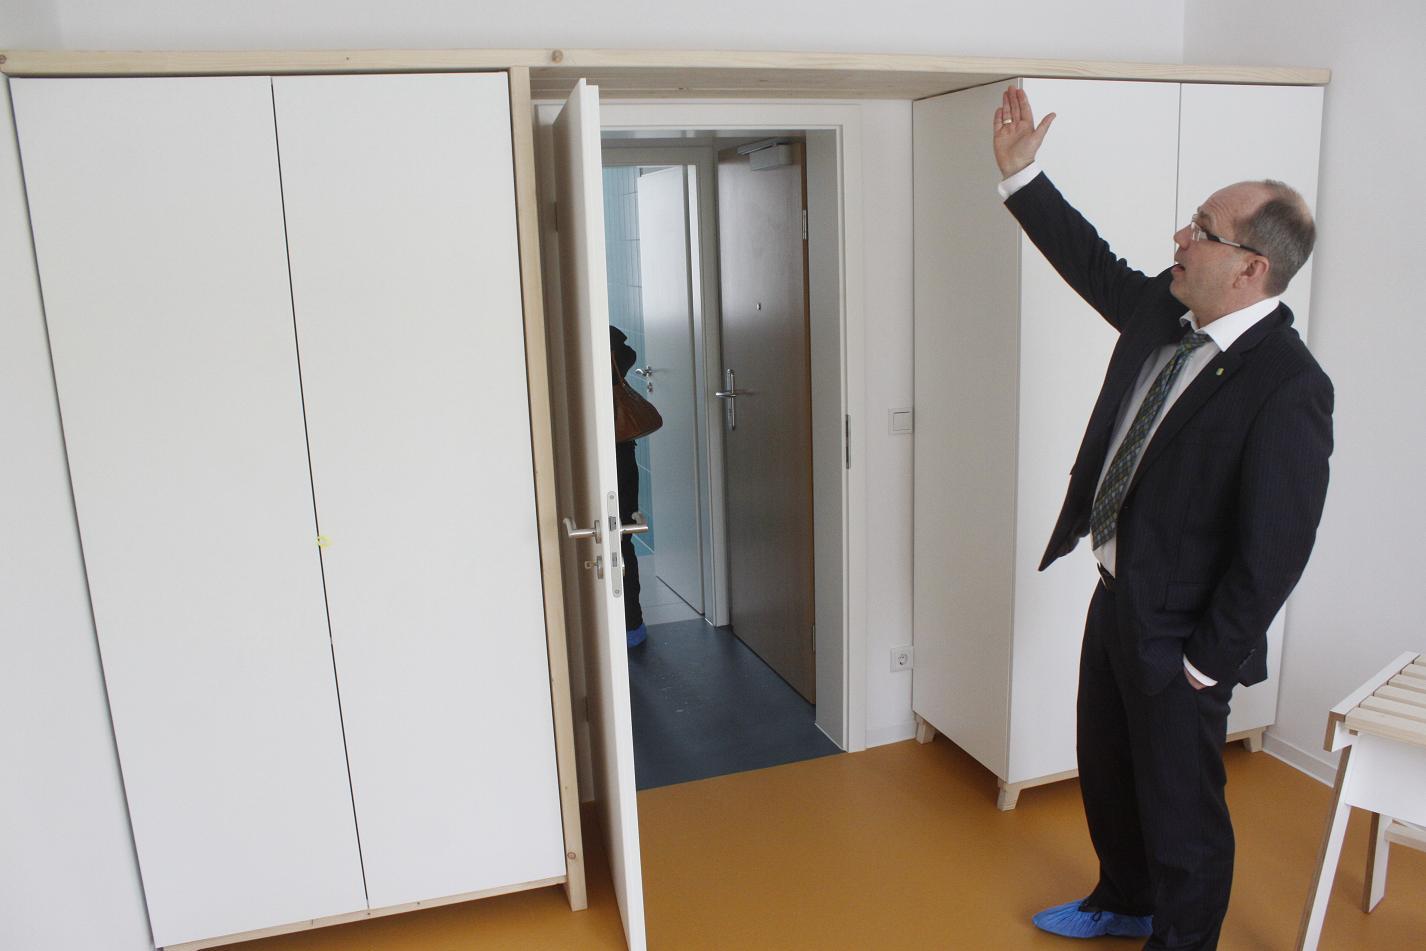 Wohnbeispiele wohnzimmer altbau ~ noveric.com for .